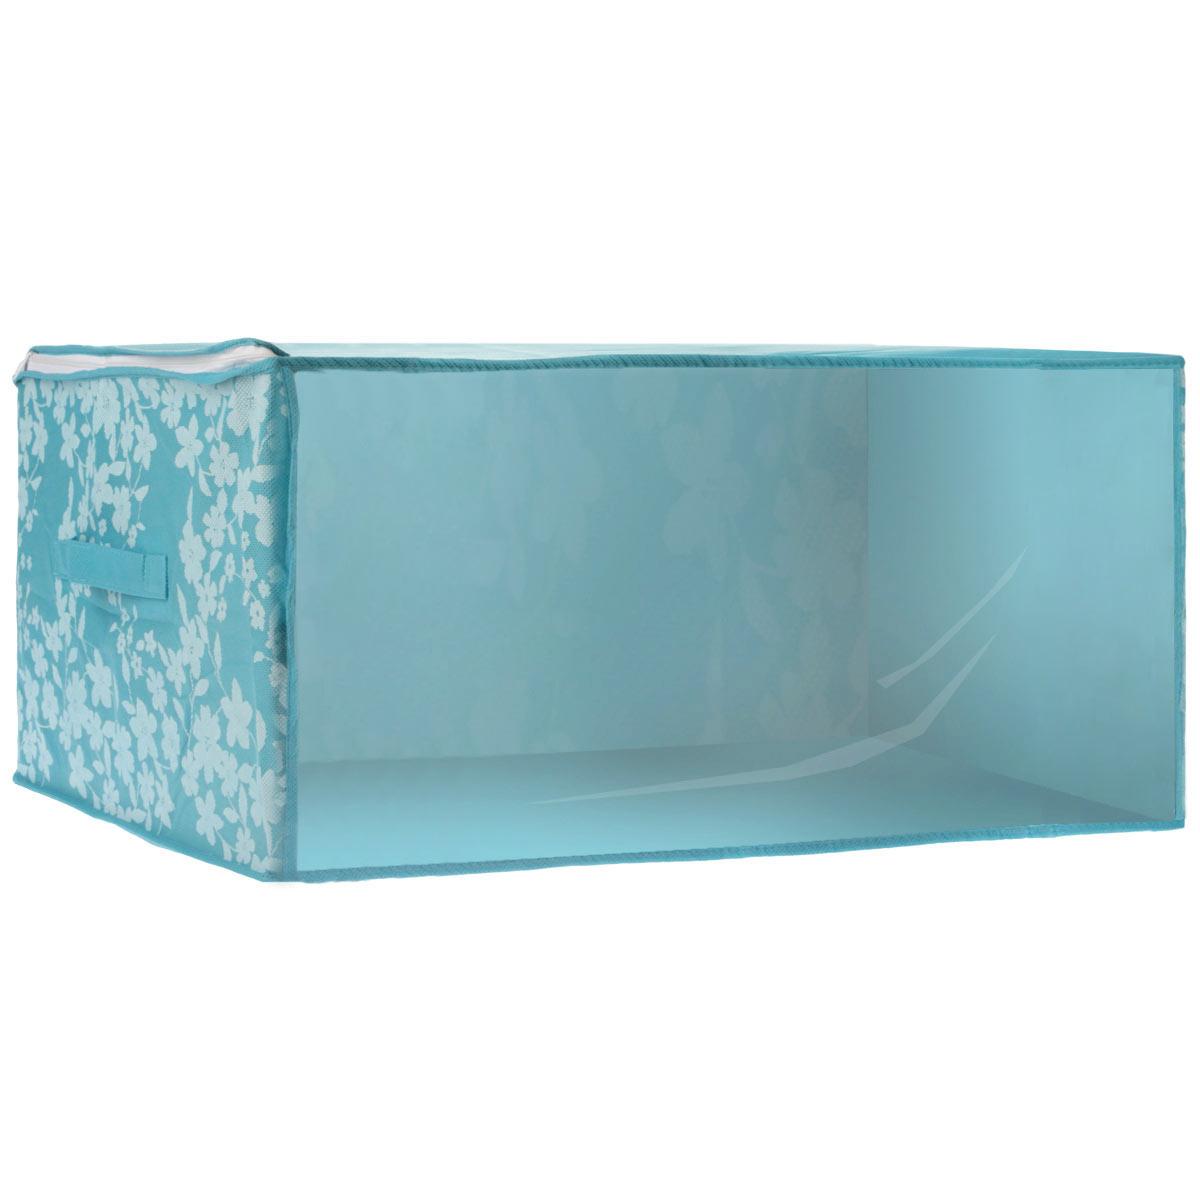 Чехол для хранения одеял Voila Спринг, цвет: бирюзовый, 45 см х 45 см х 20 смUP210DFСкладывающийся чехол Voila Спринг из дышащего нетканого волокна, предназначен для хранения, транспортировки и переноски больших двуспальных пуховых одеял. Имеет прозрачное окно и замок по периметру чехла, а также ручку для переноски. Материал можно протирать в случае загрязнения влажной салфеткой или тряпкой. Надежно защищает от пыли, моли, солнечных лучей и загрязнения. Нетканый материал чехла пропускает воздух, что позволяет изделиям дышать. Это особенно необходимо для изделий из натуральных материалов. Благодаря такому чехлу, вещи не впитывают посторонние запахи. Застегивается на молнию.